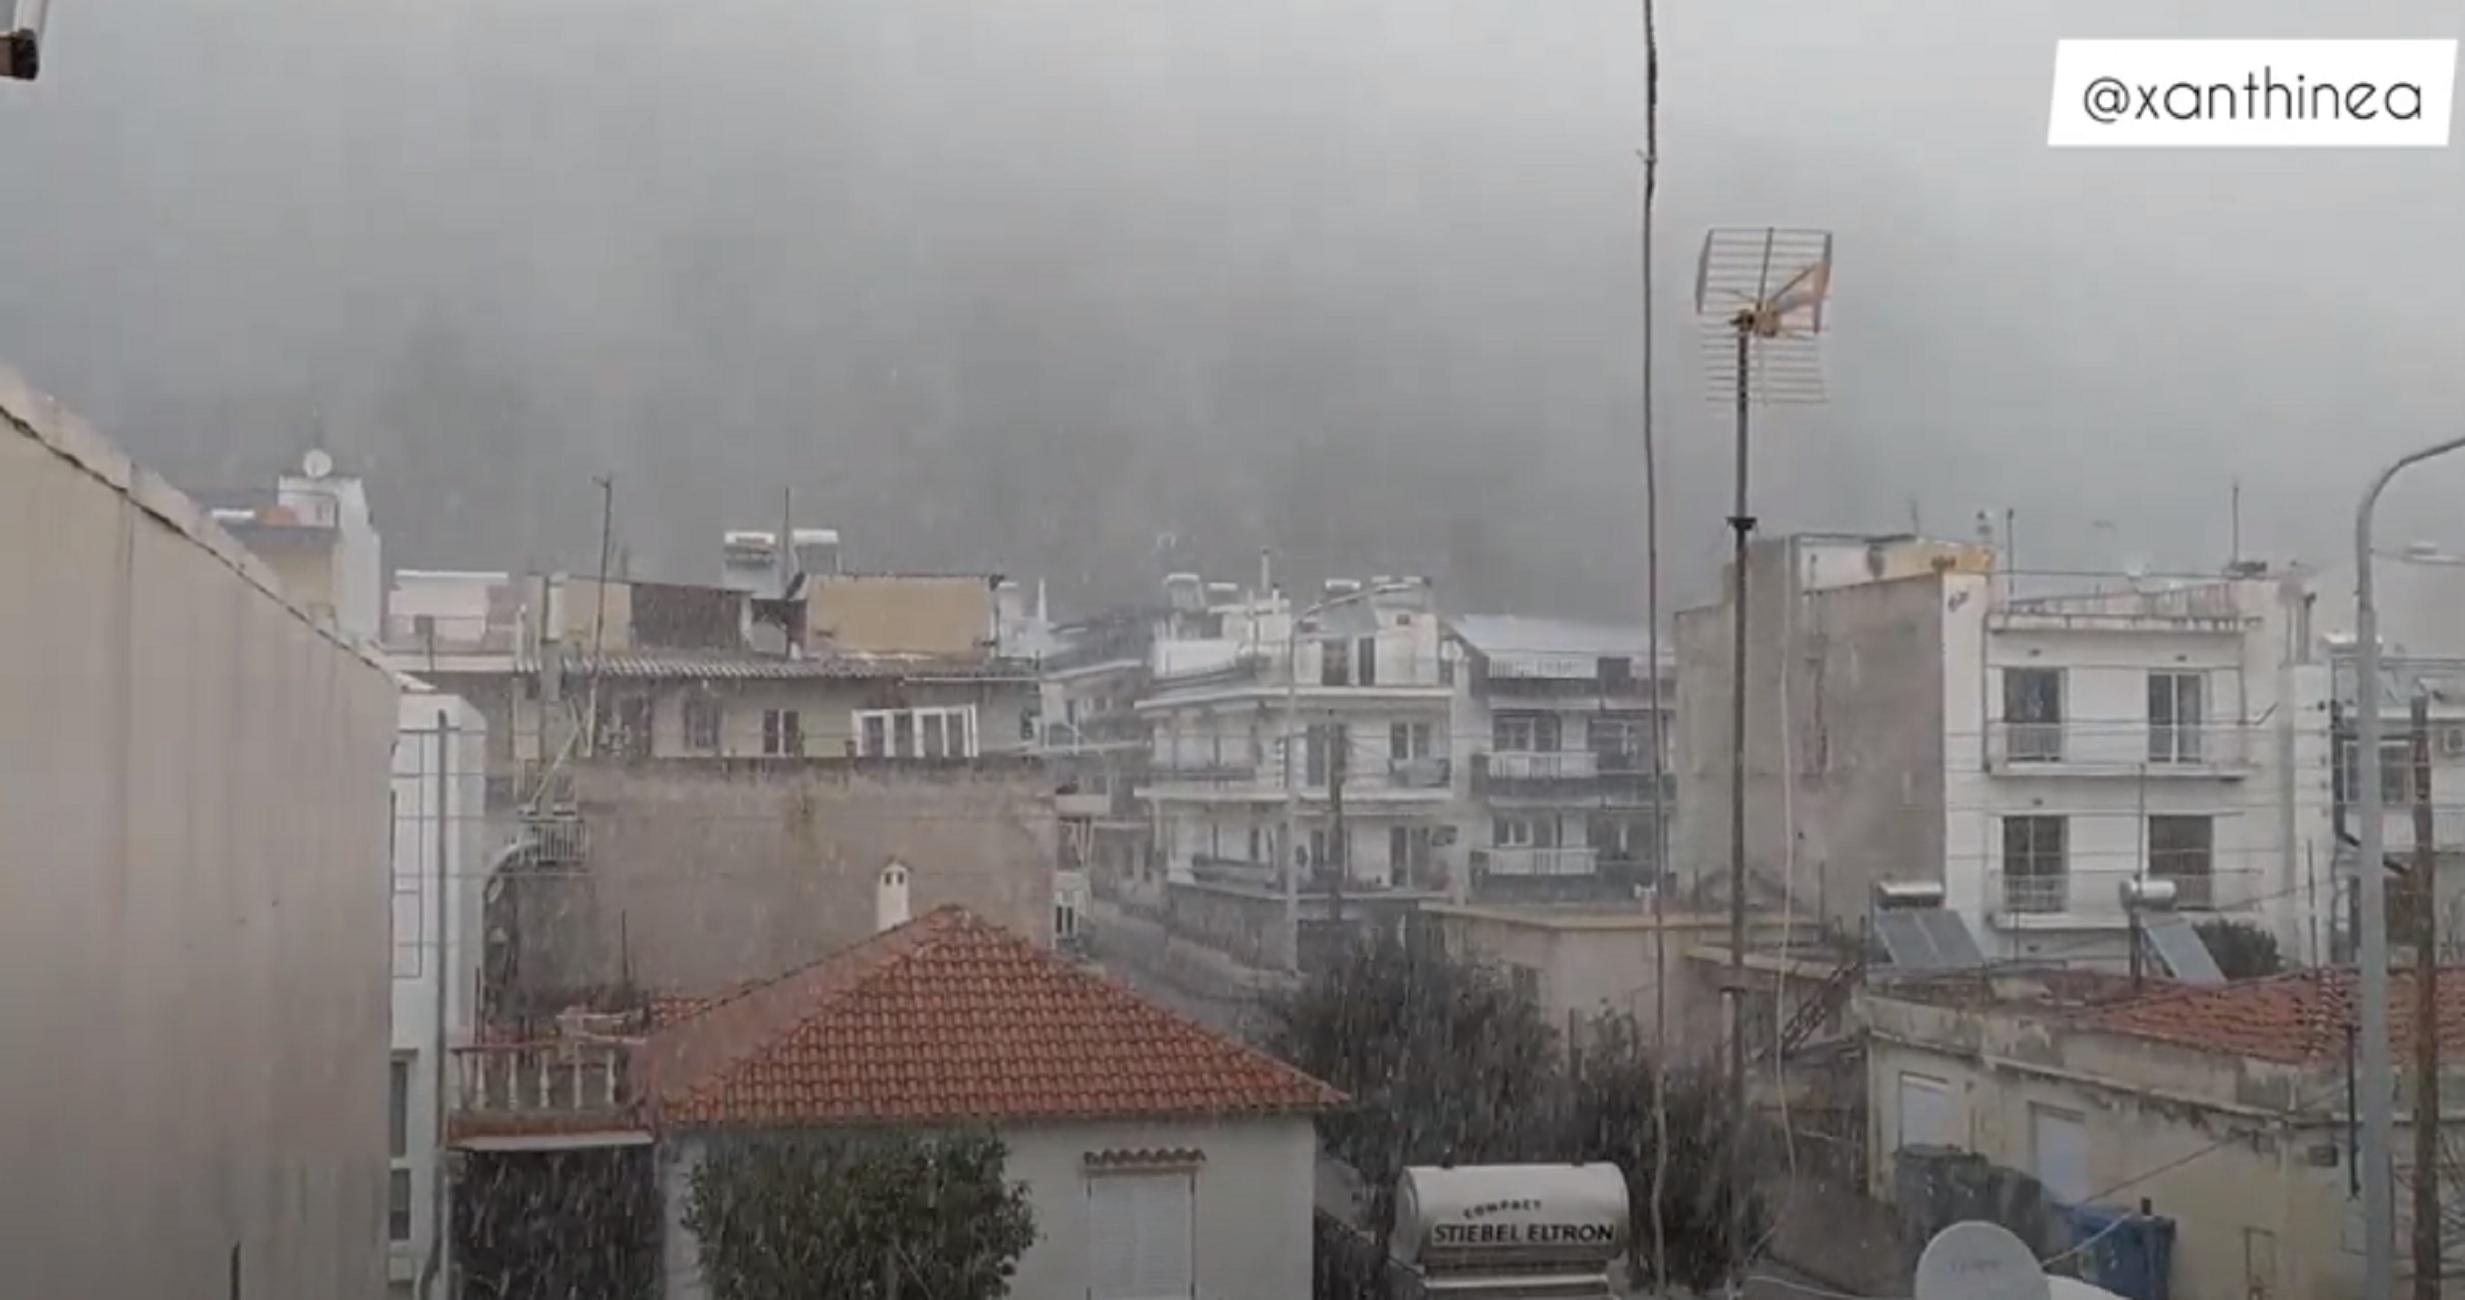 Καιρός – Ξάνθη: Χιόνια και κρύο τσουχτερό – Δείτε τις εικόνες που έφερε η κακοκαιρία (video)